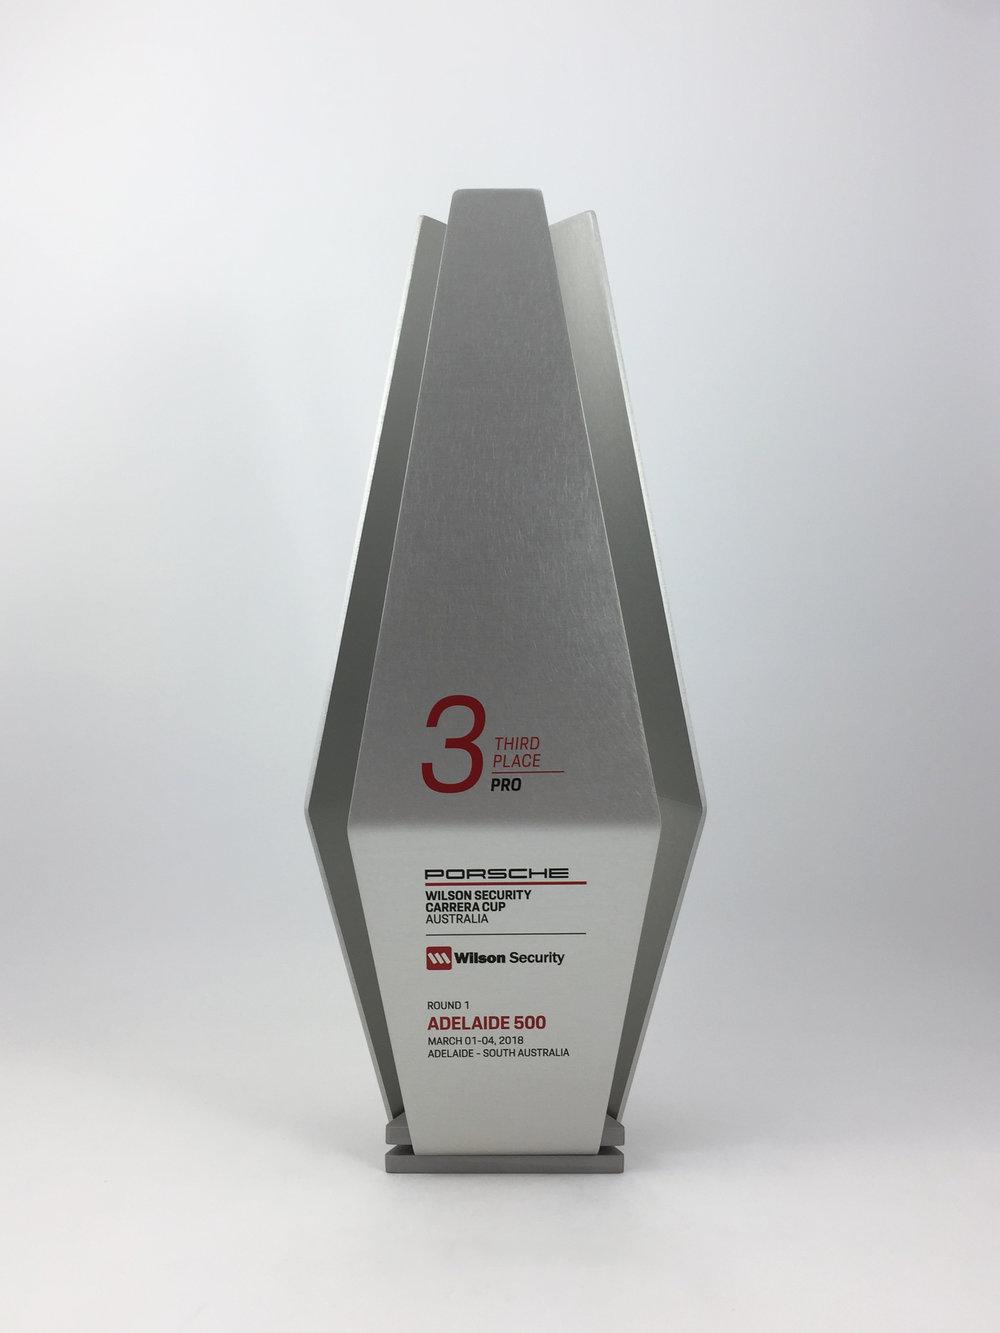 porsche-carrera-cup-race-trophy-metal-sculpture-award-06.jpg